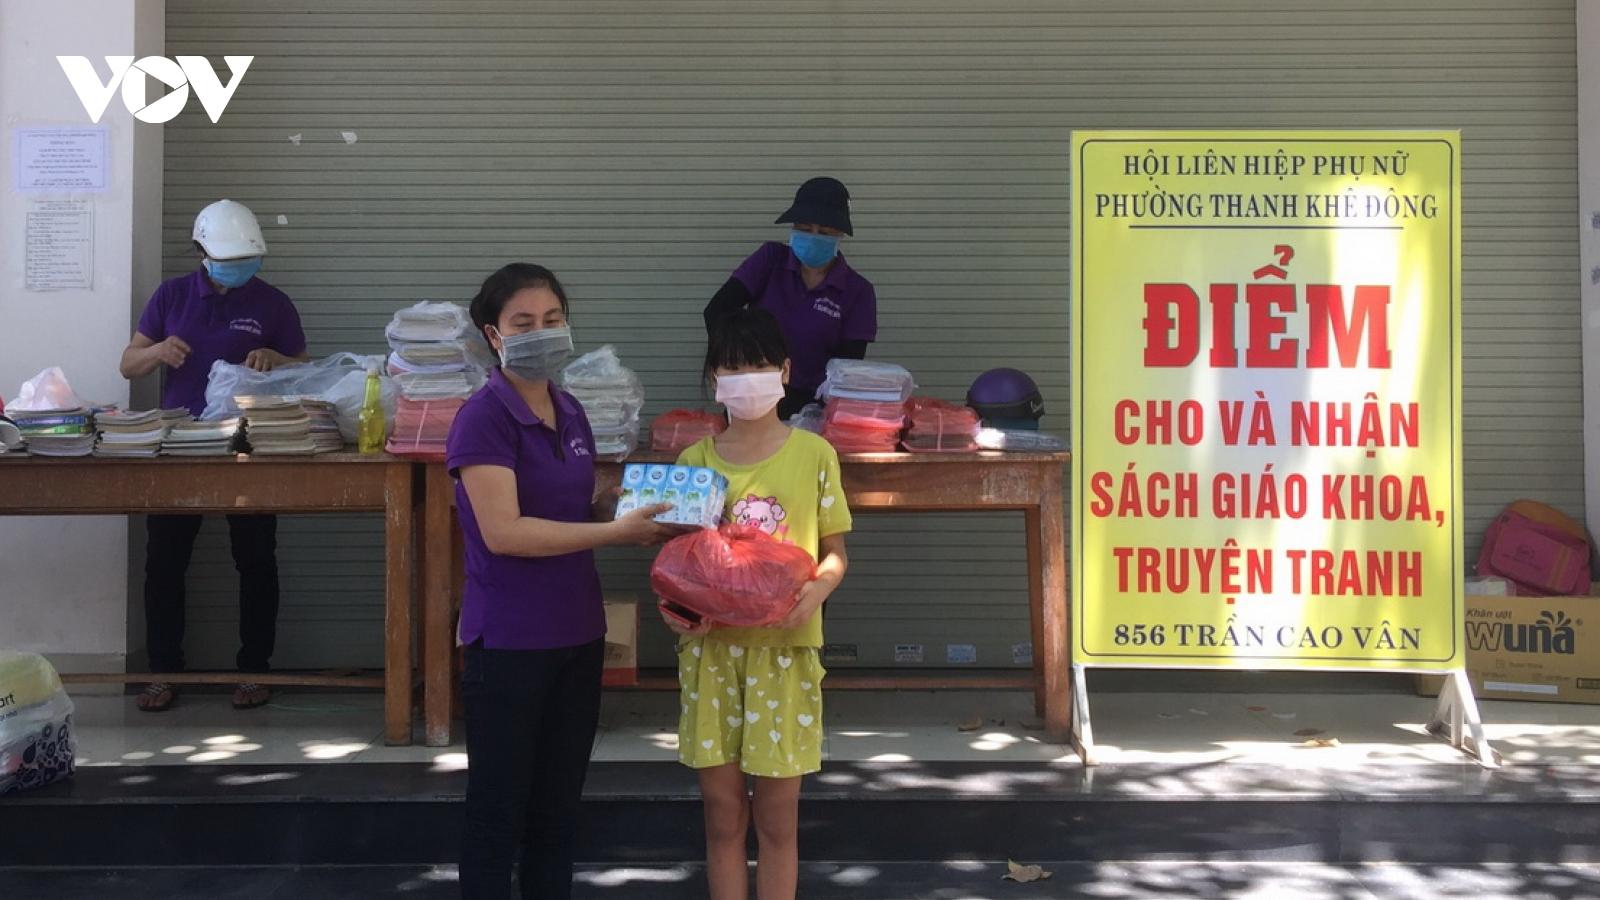 Gom sách cũ tặng học sinh nghèo trước năm học mới ở Đà Nẵng